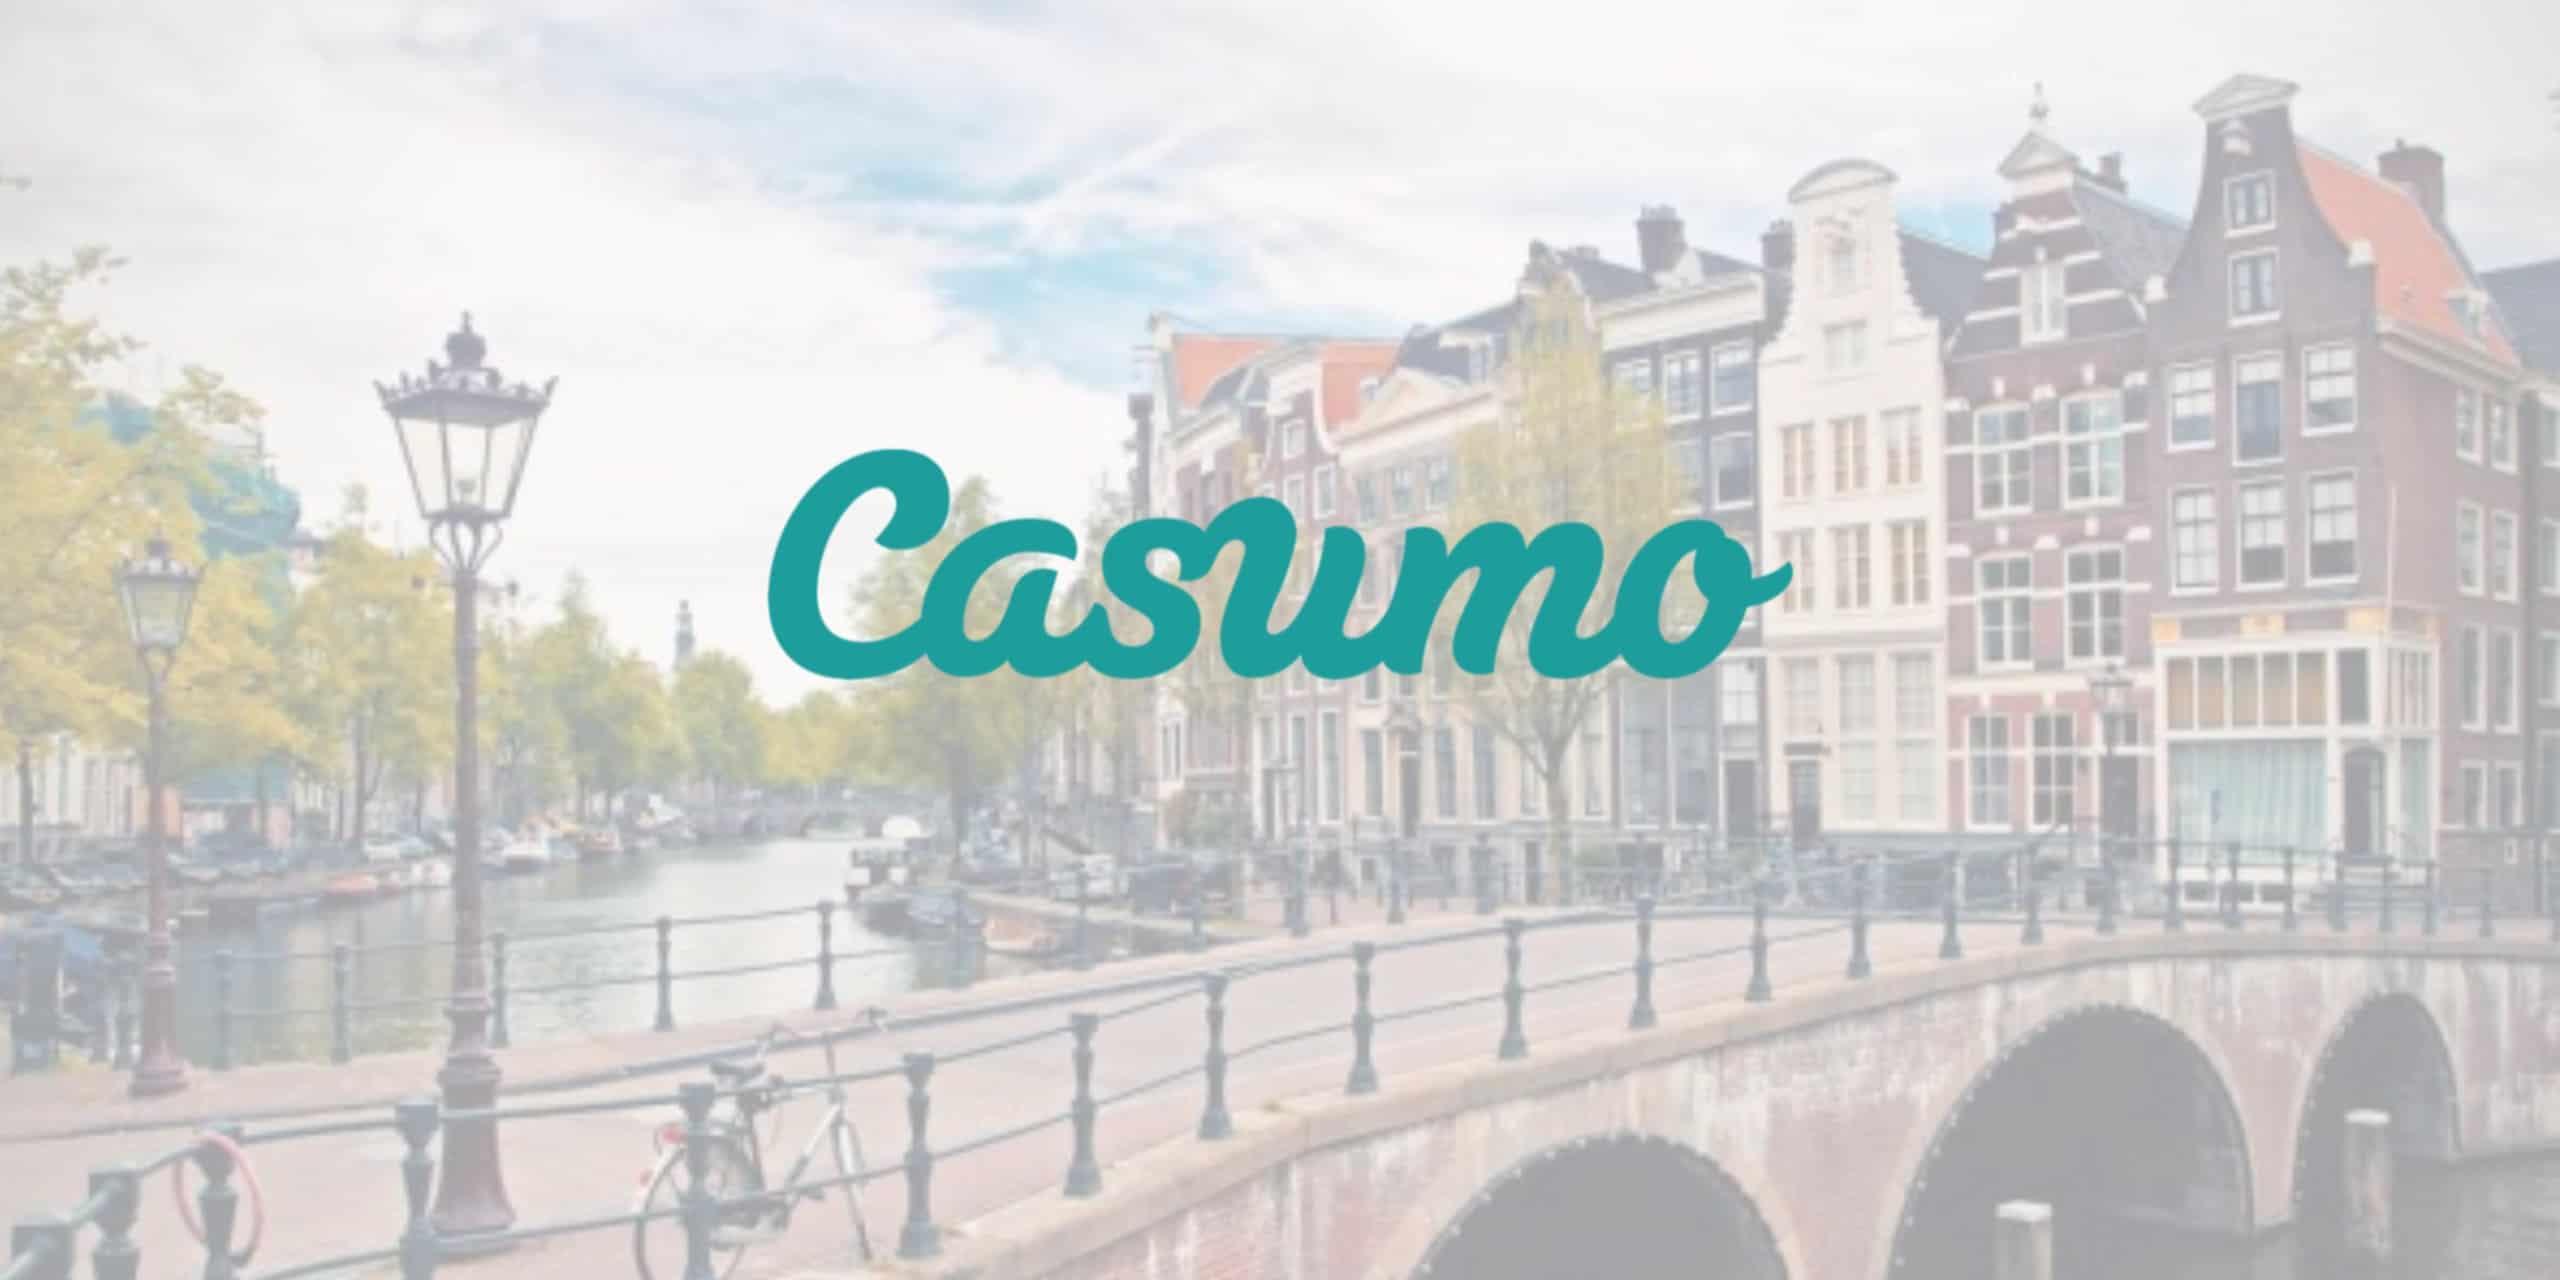 Casumo vraagt Ksa vergunning aan